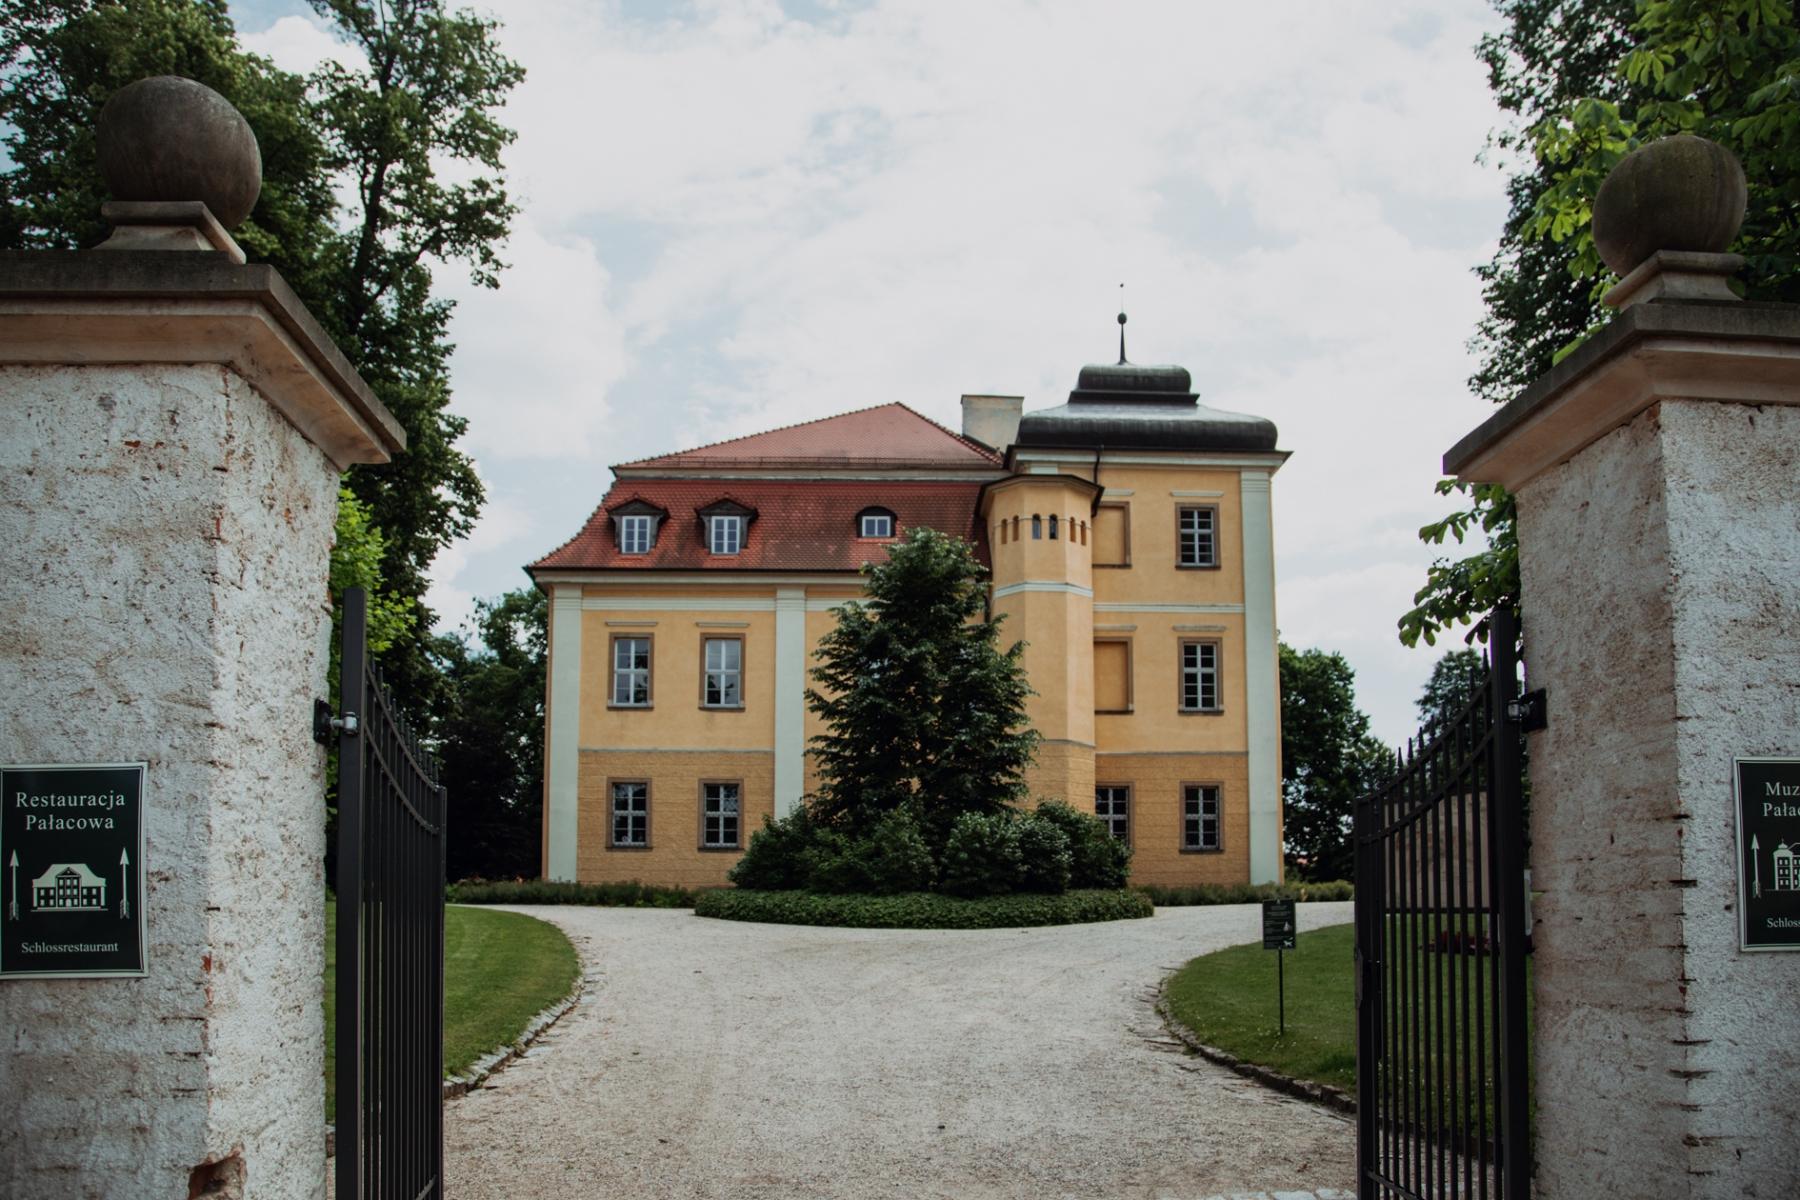 XVII-wieczny kompleks pałacowy w Łomnicy [FOTOSPACER]